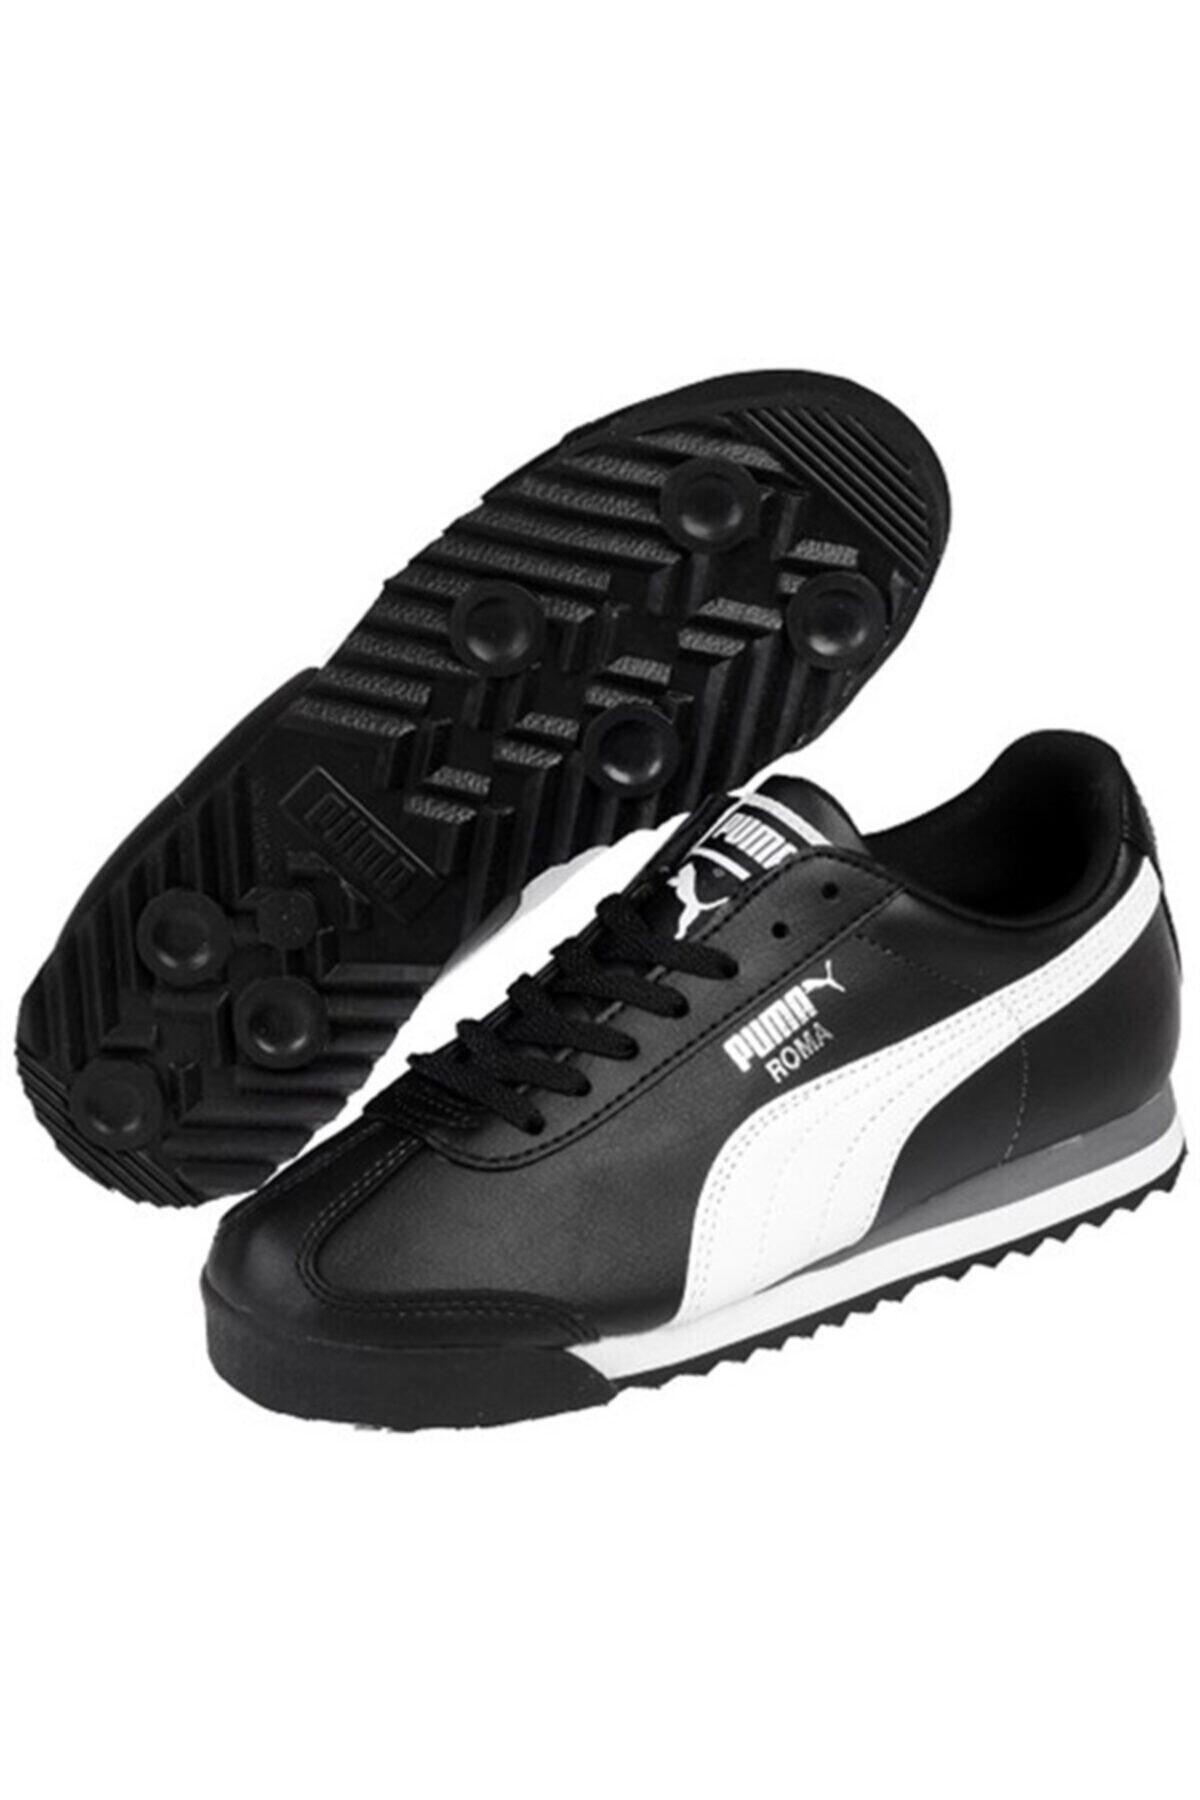 Puma Unisex Çocuk Siyah Roma Basıc Spor Günlük Ayakkabı 354259-011 1